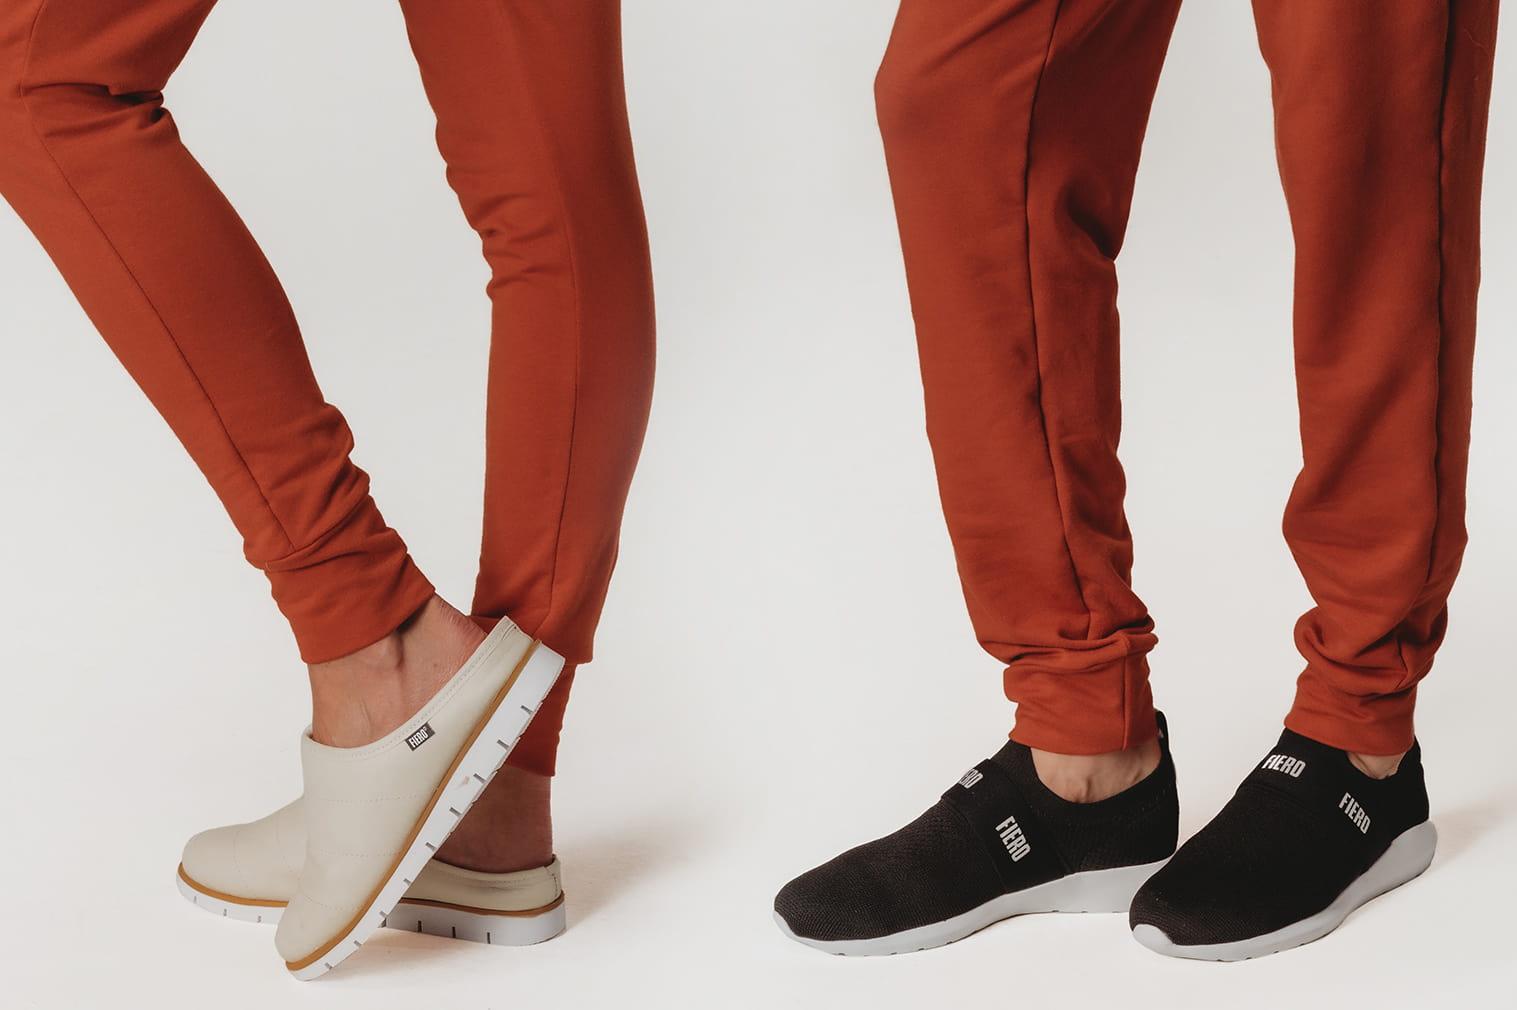 Escolha o calçado para o look com moletom